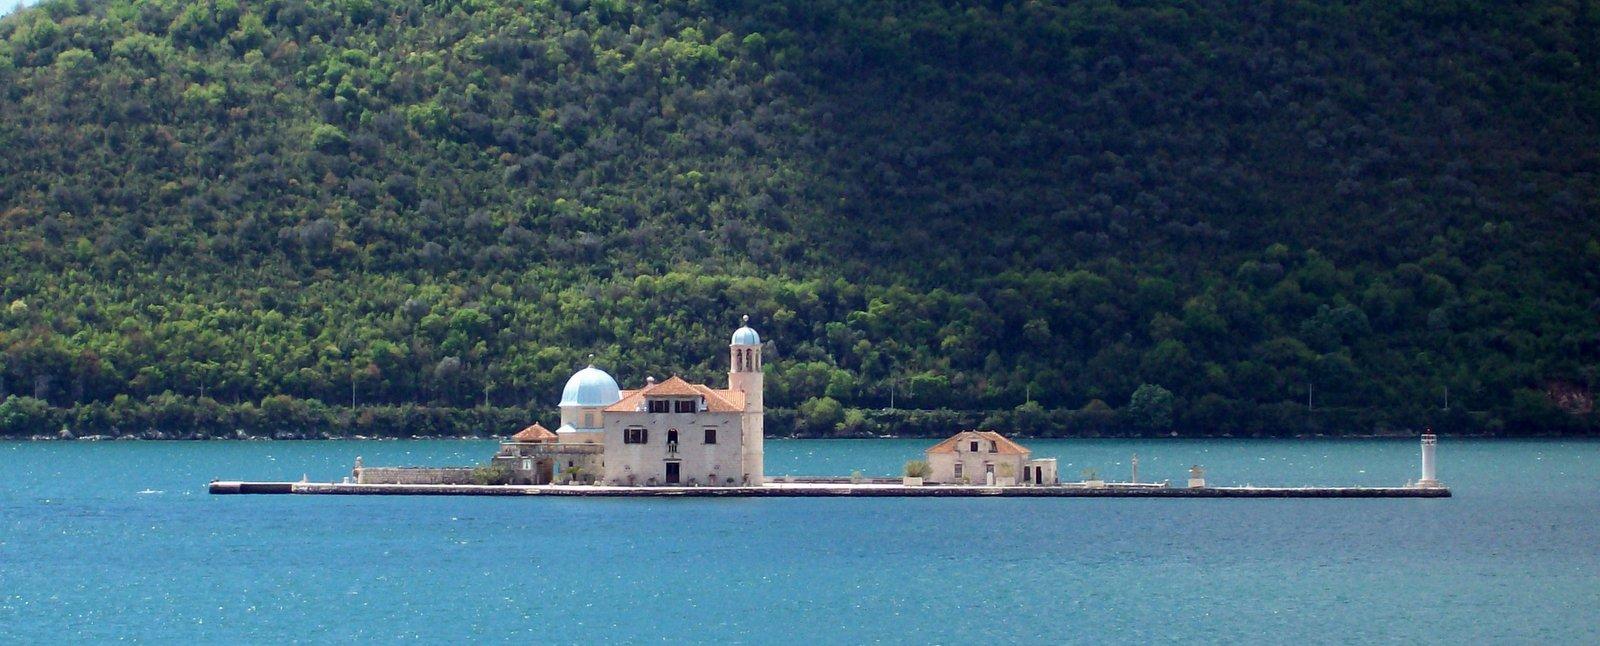 St. Marien auf dem Felsen - Bucht von Kotor - Montenegro